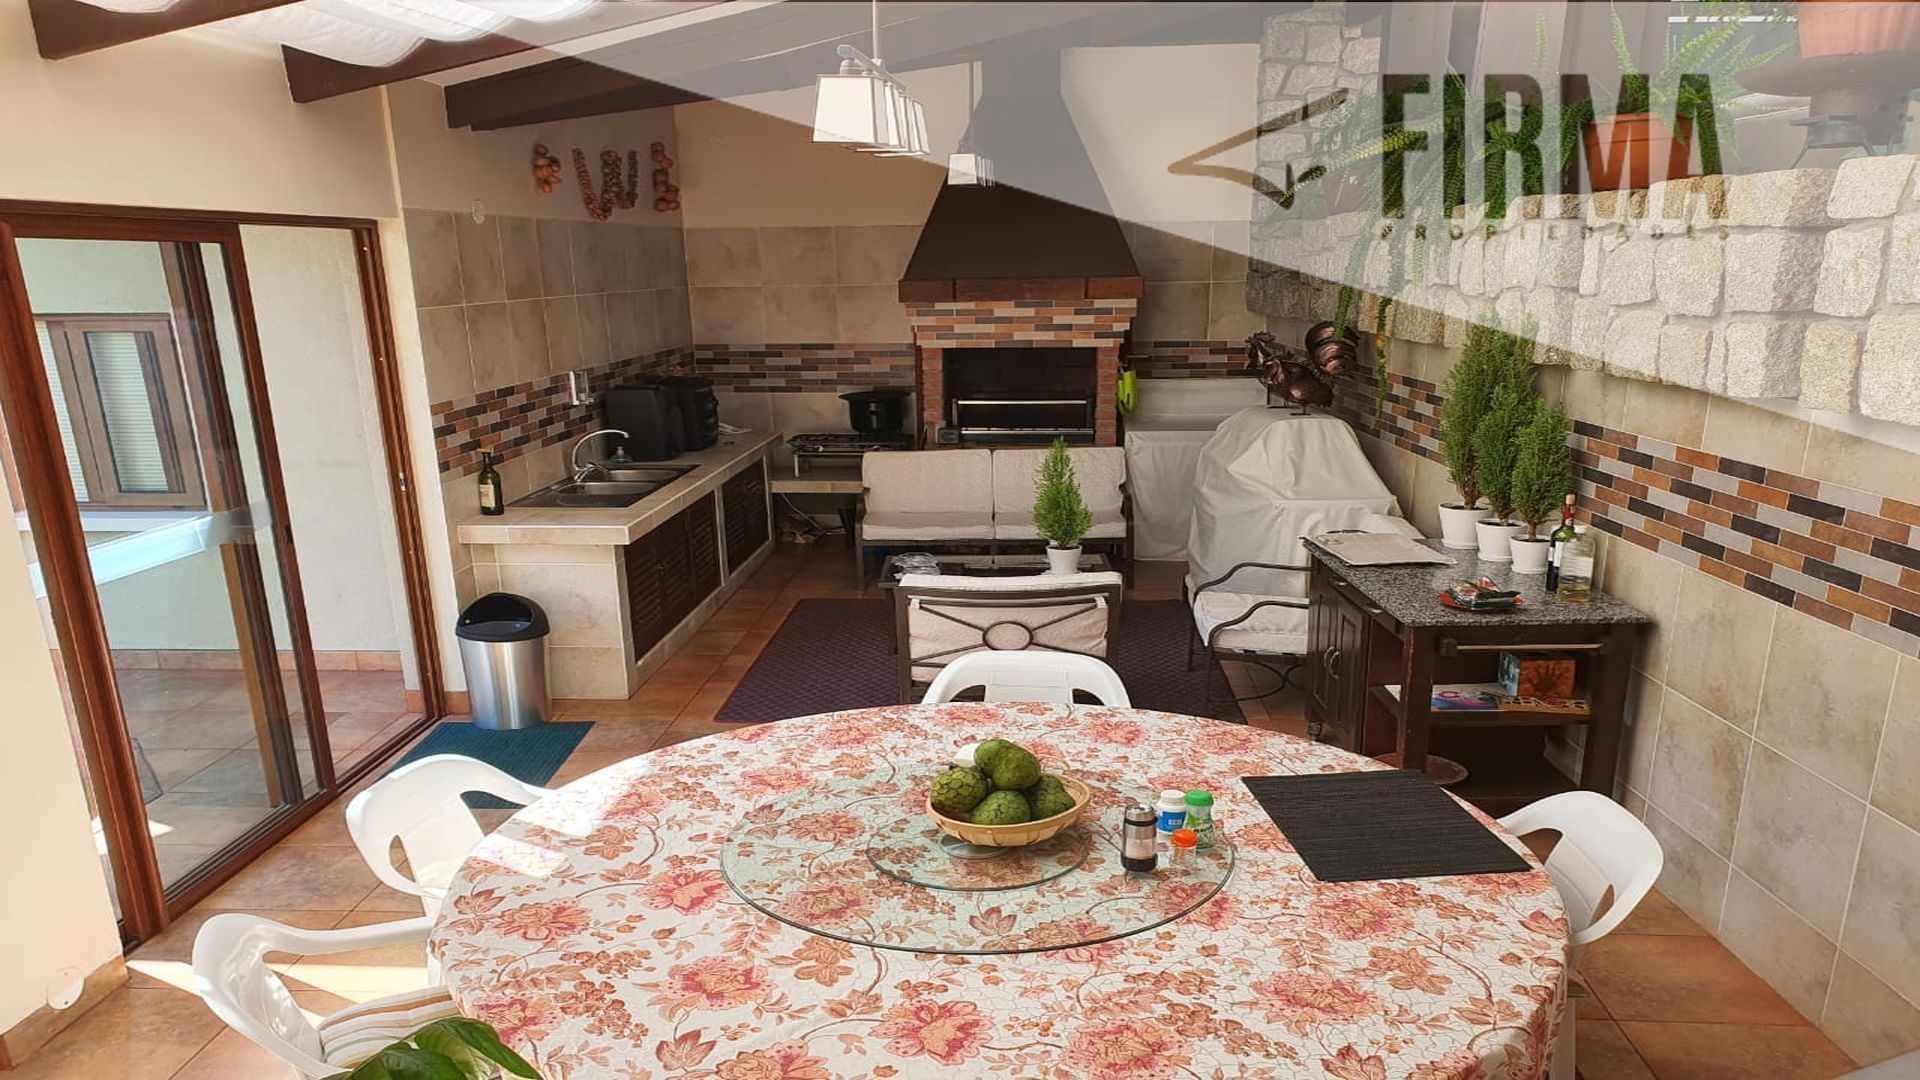 Casa en Venta COMPRA TU LUJOSA RESIDENCIA EN LA FLORIDA Foto 14